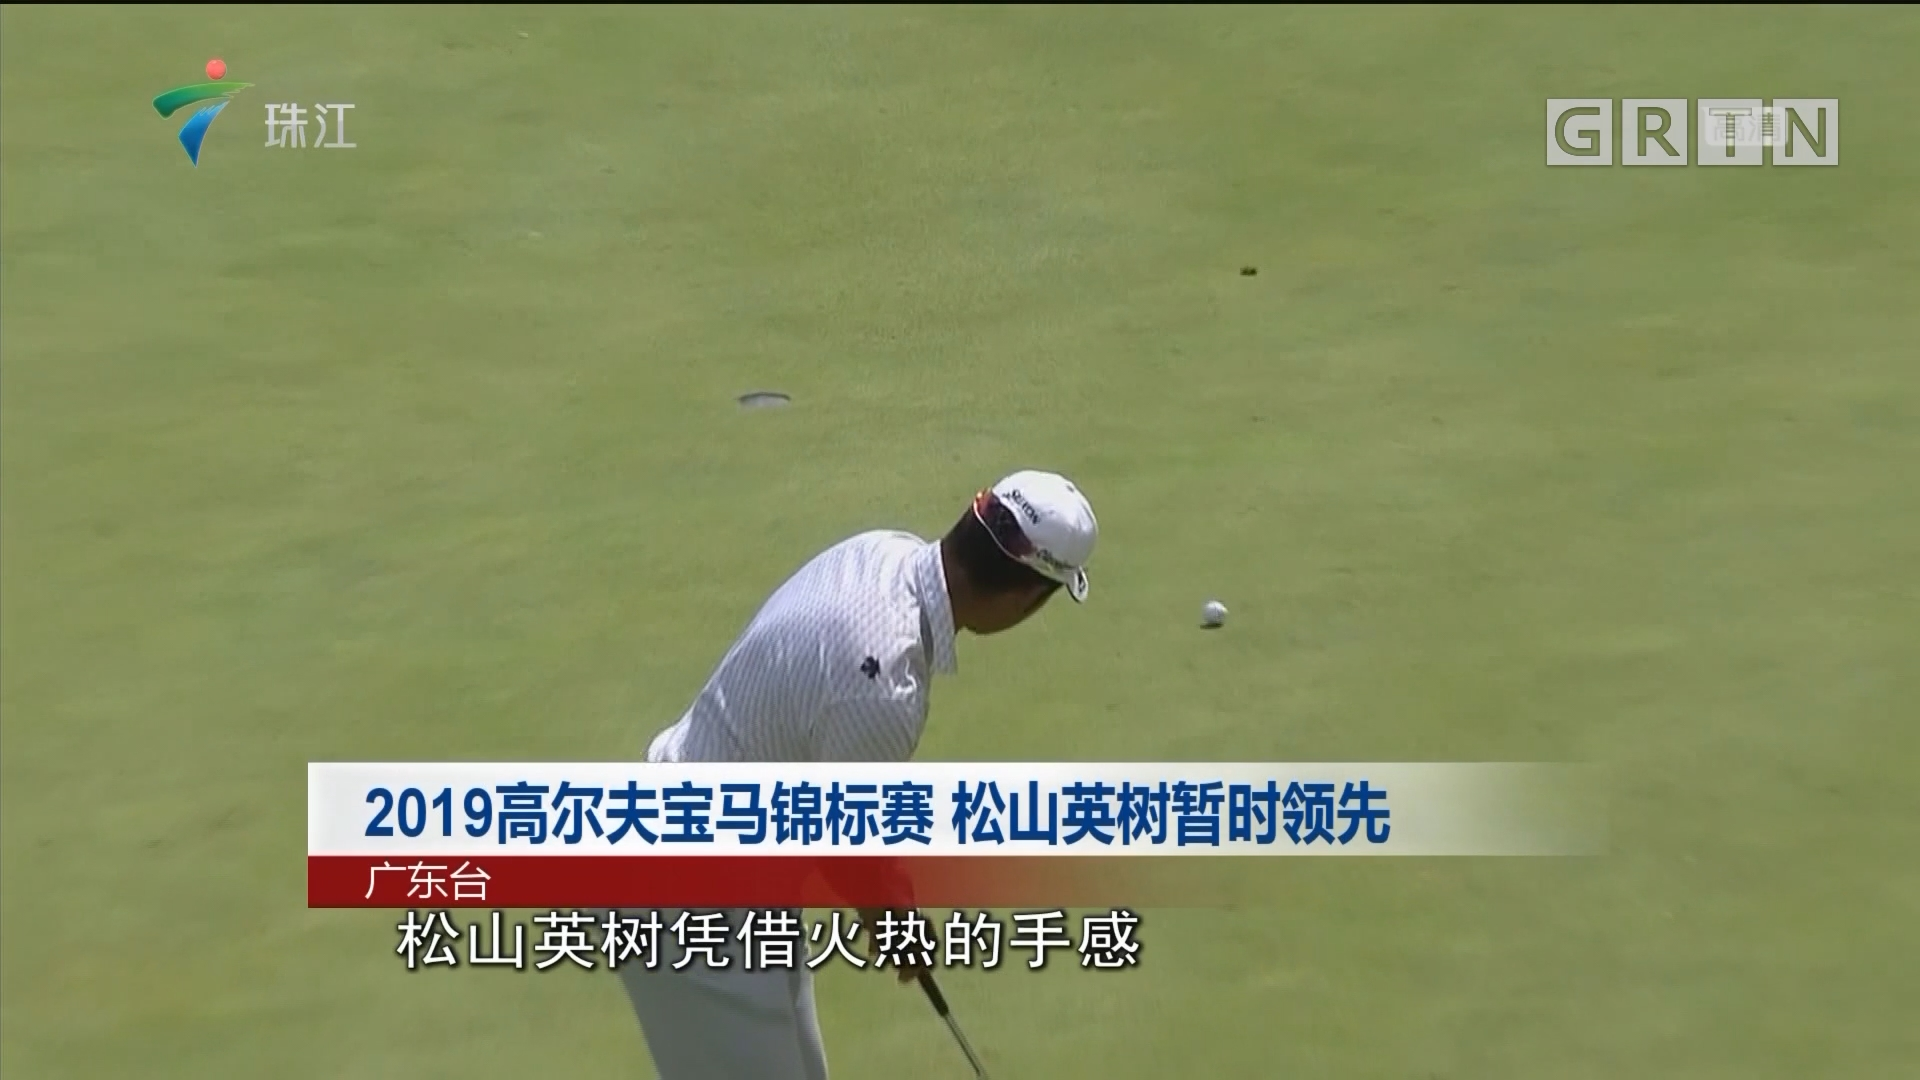 2019高尔夫宝马锦标赛 松山英树暂时领先